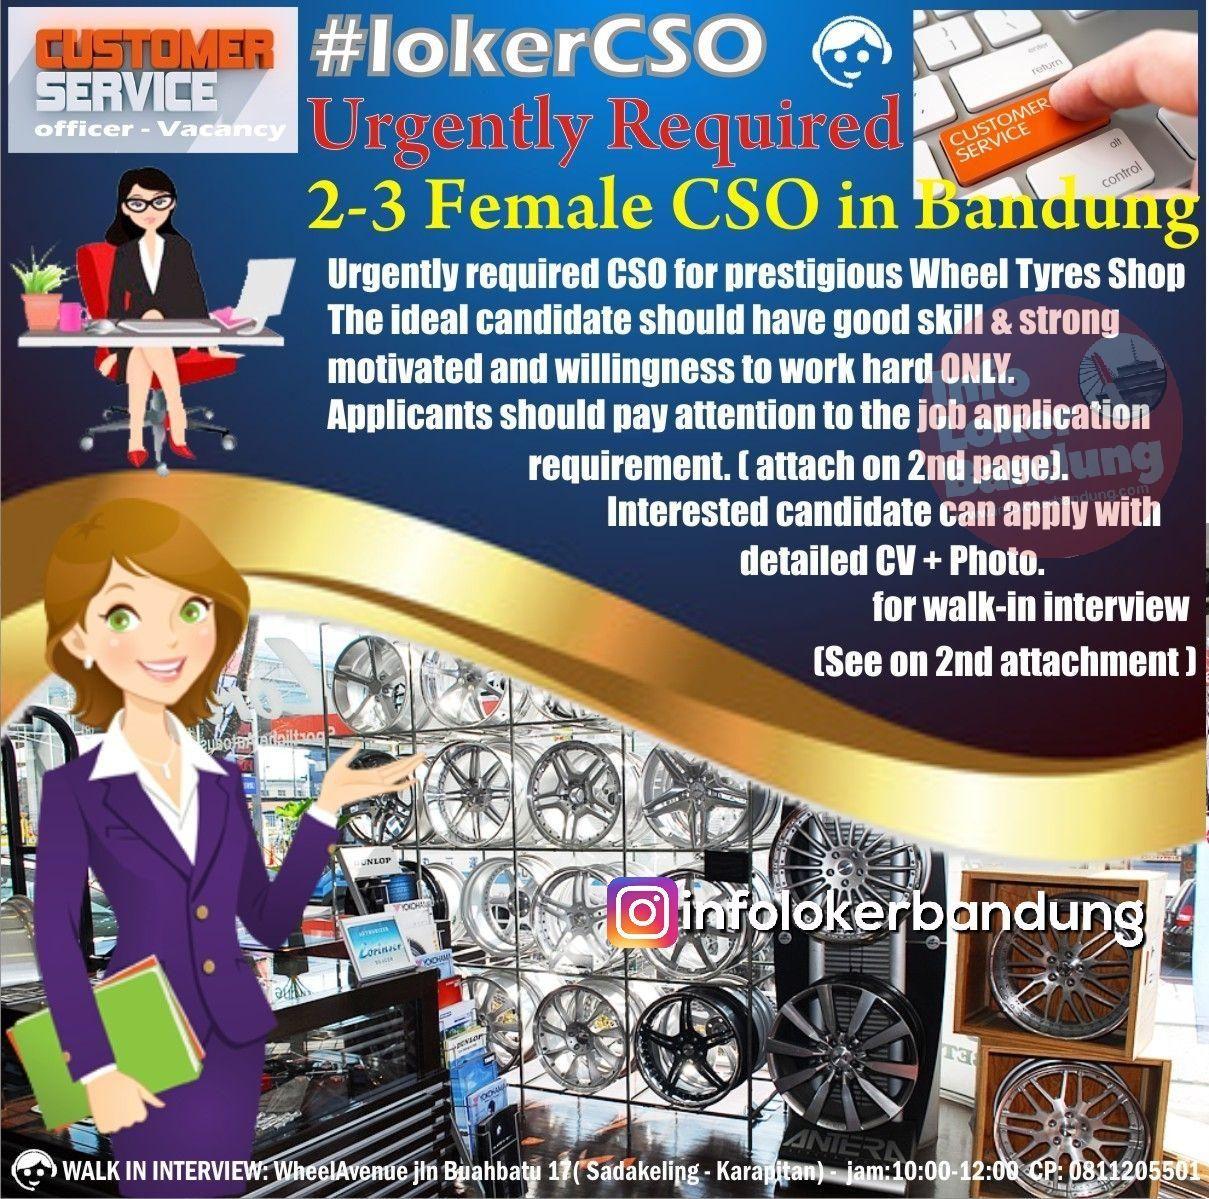 Lowongan Kerja Customer Service Wheel Avenue Bandung